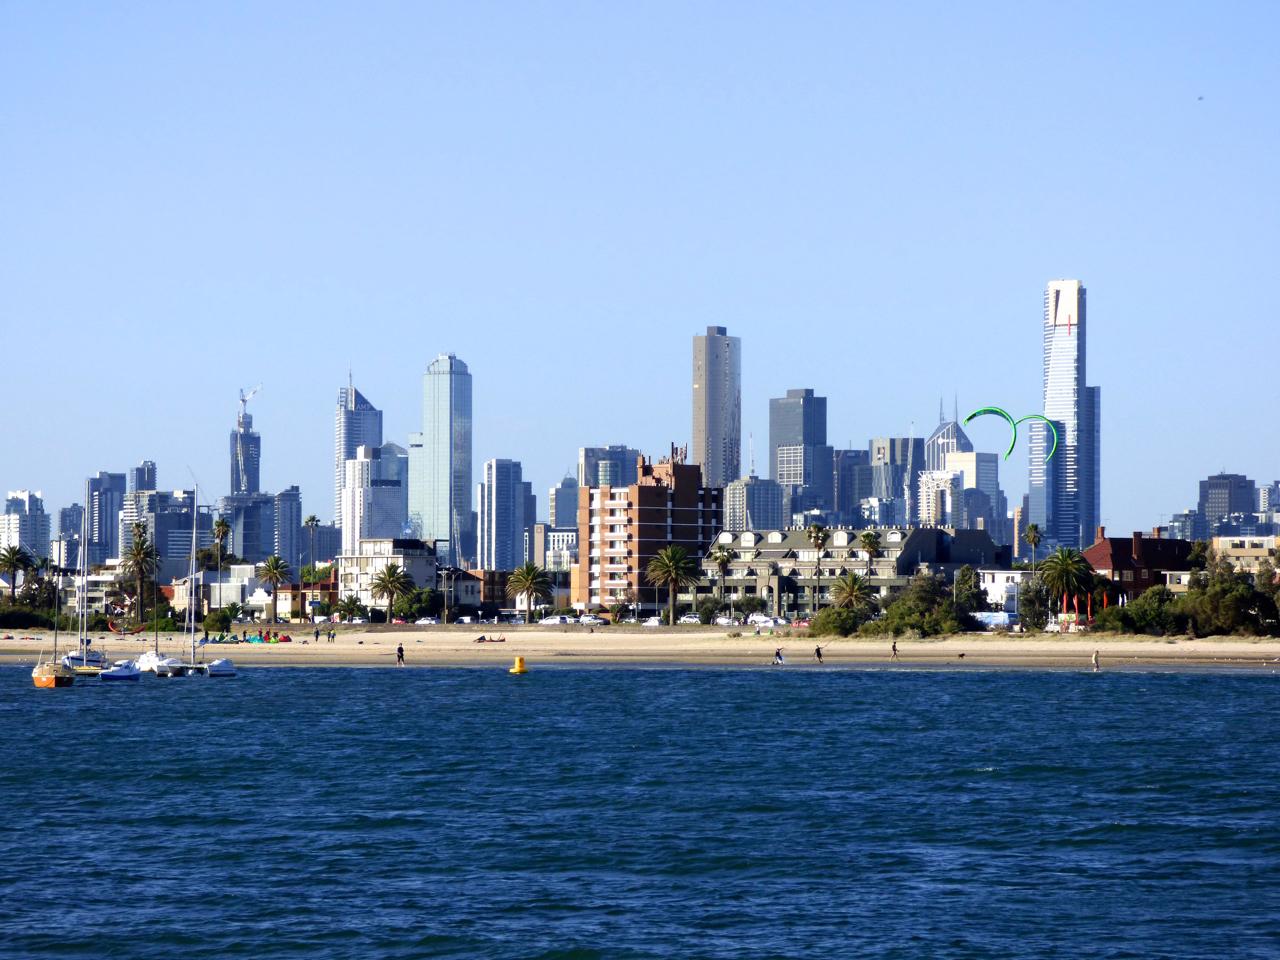 St. Kilda pier Melbourne, Australia